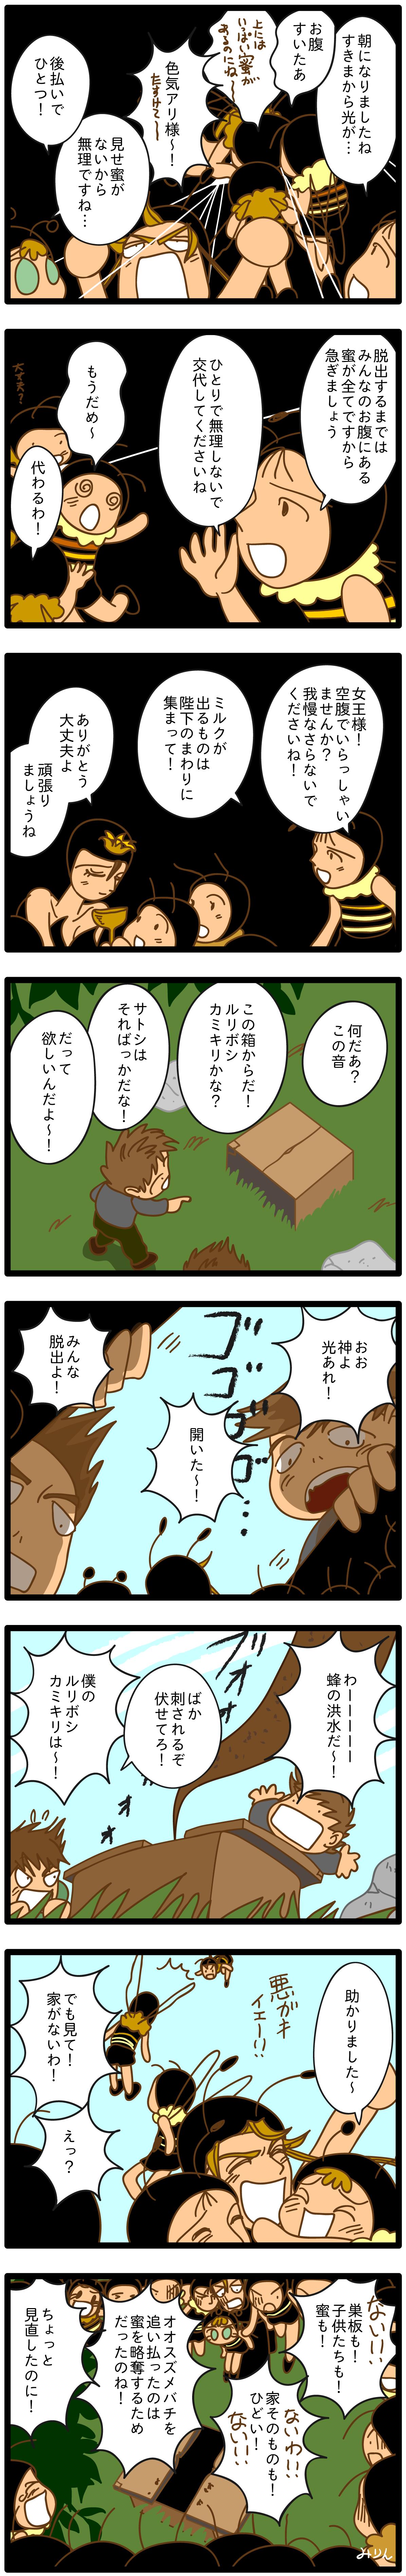 128. 晩秋の防衛戦(18)